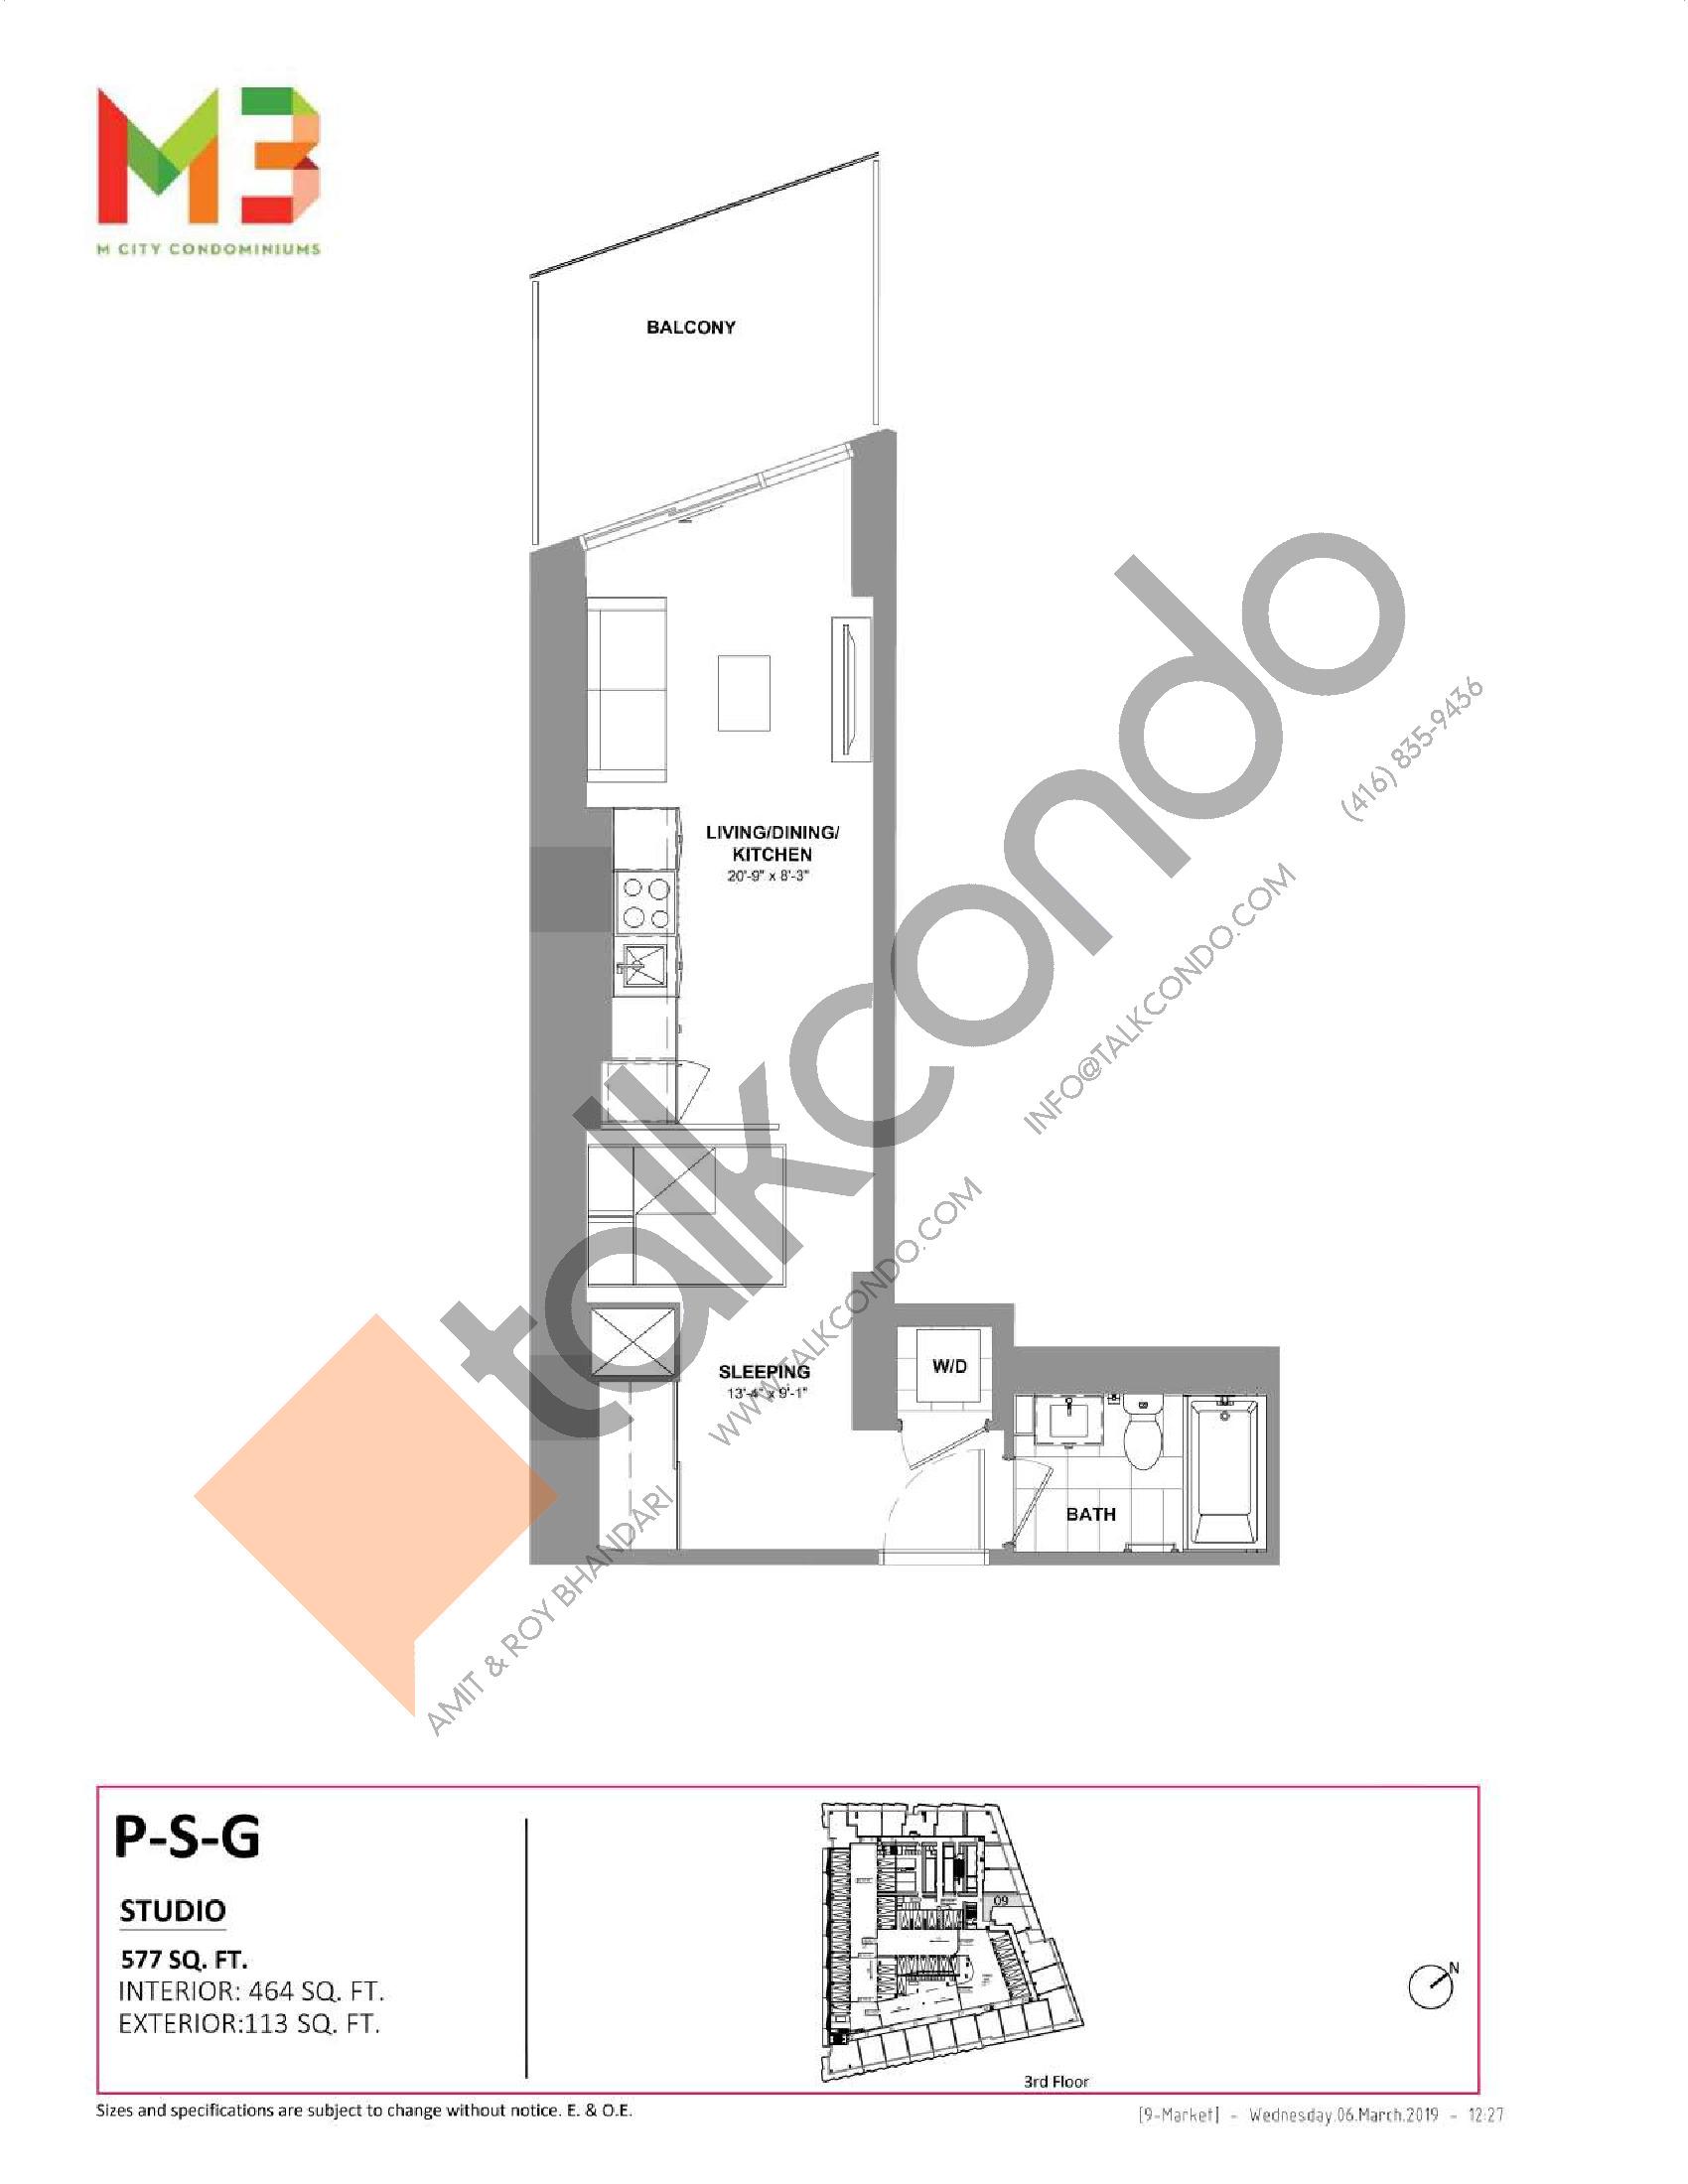 P-S-G Floor Plan at M3 Condos - 464 sq.ft